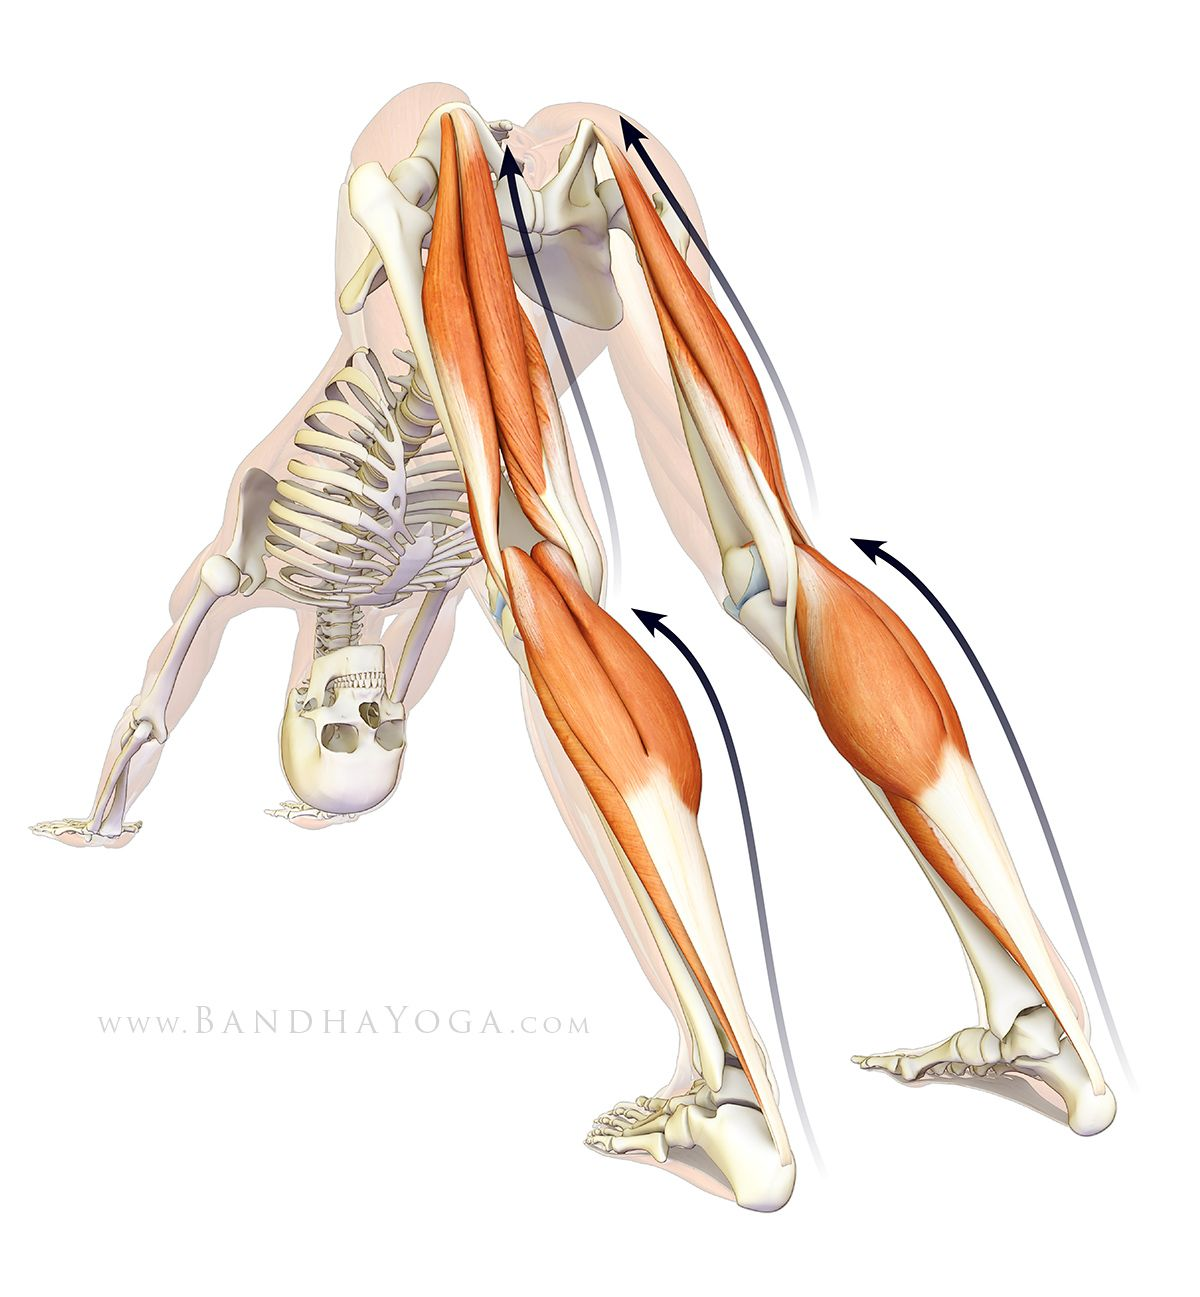 Pin de Chris Norie en yoga | Pinterest | Conexión, Yoga y Anatomía